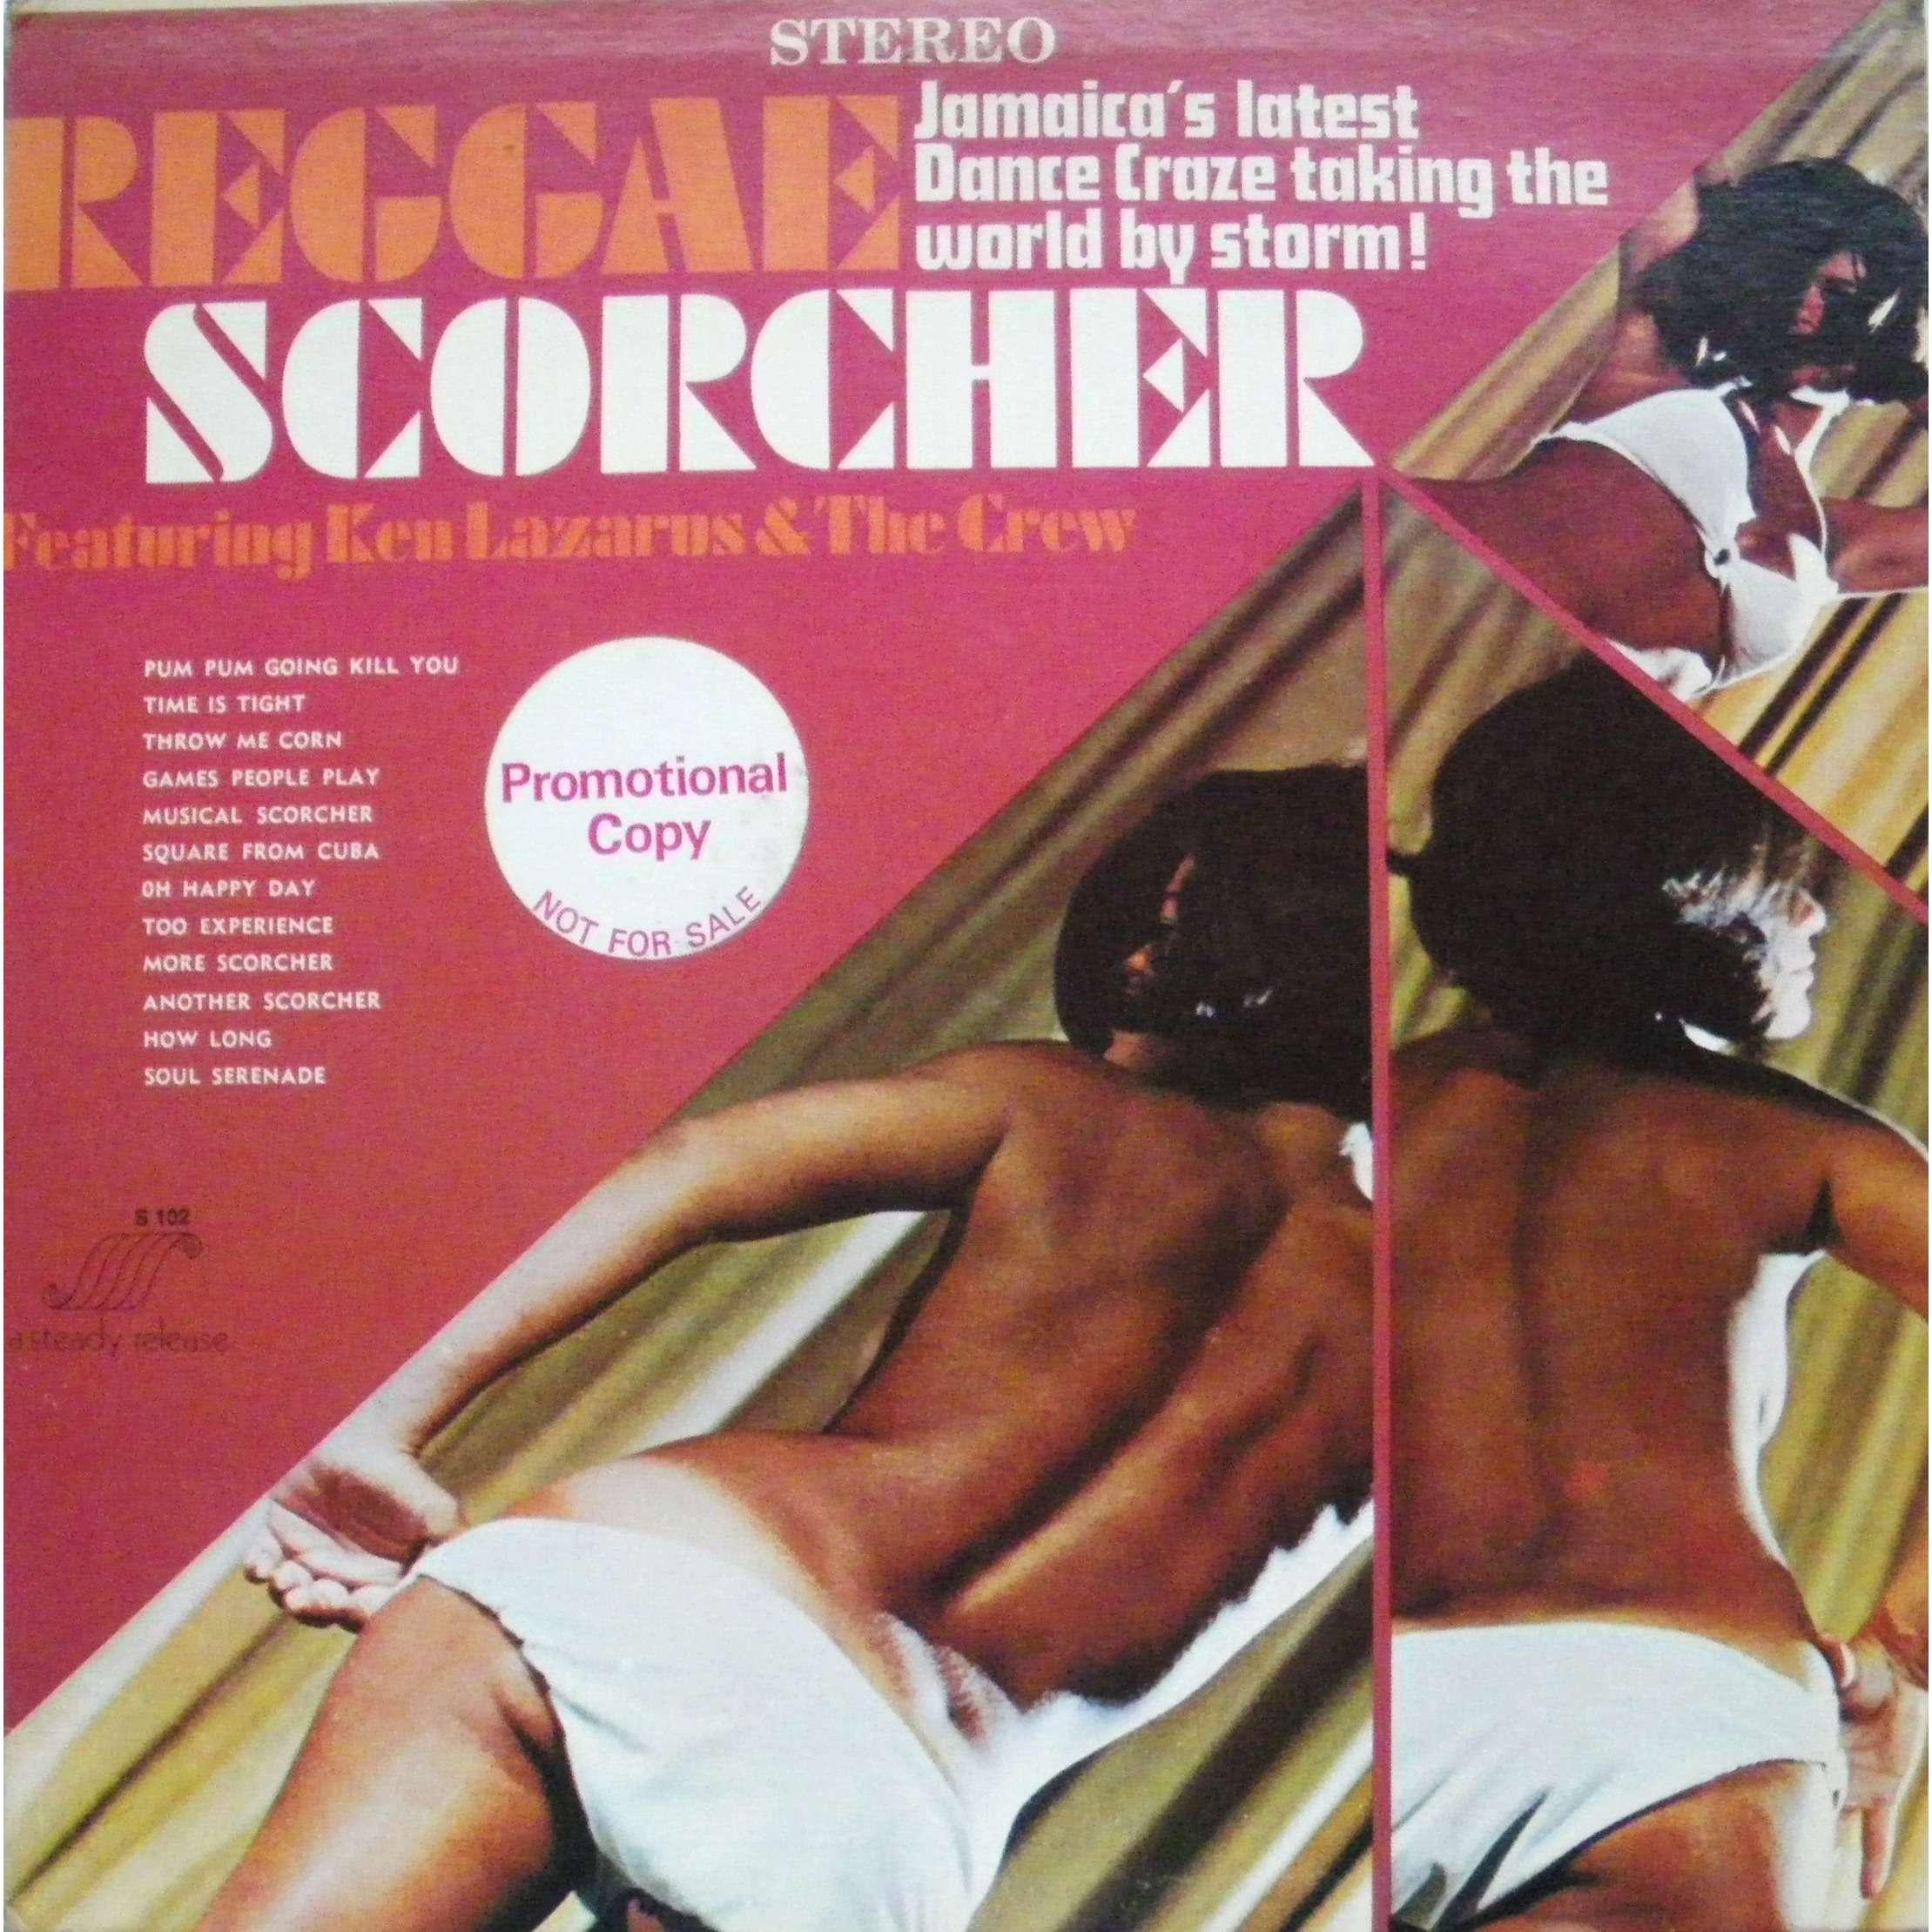 Ken Lazarus And The Crew Reggae Scorcher